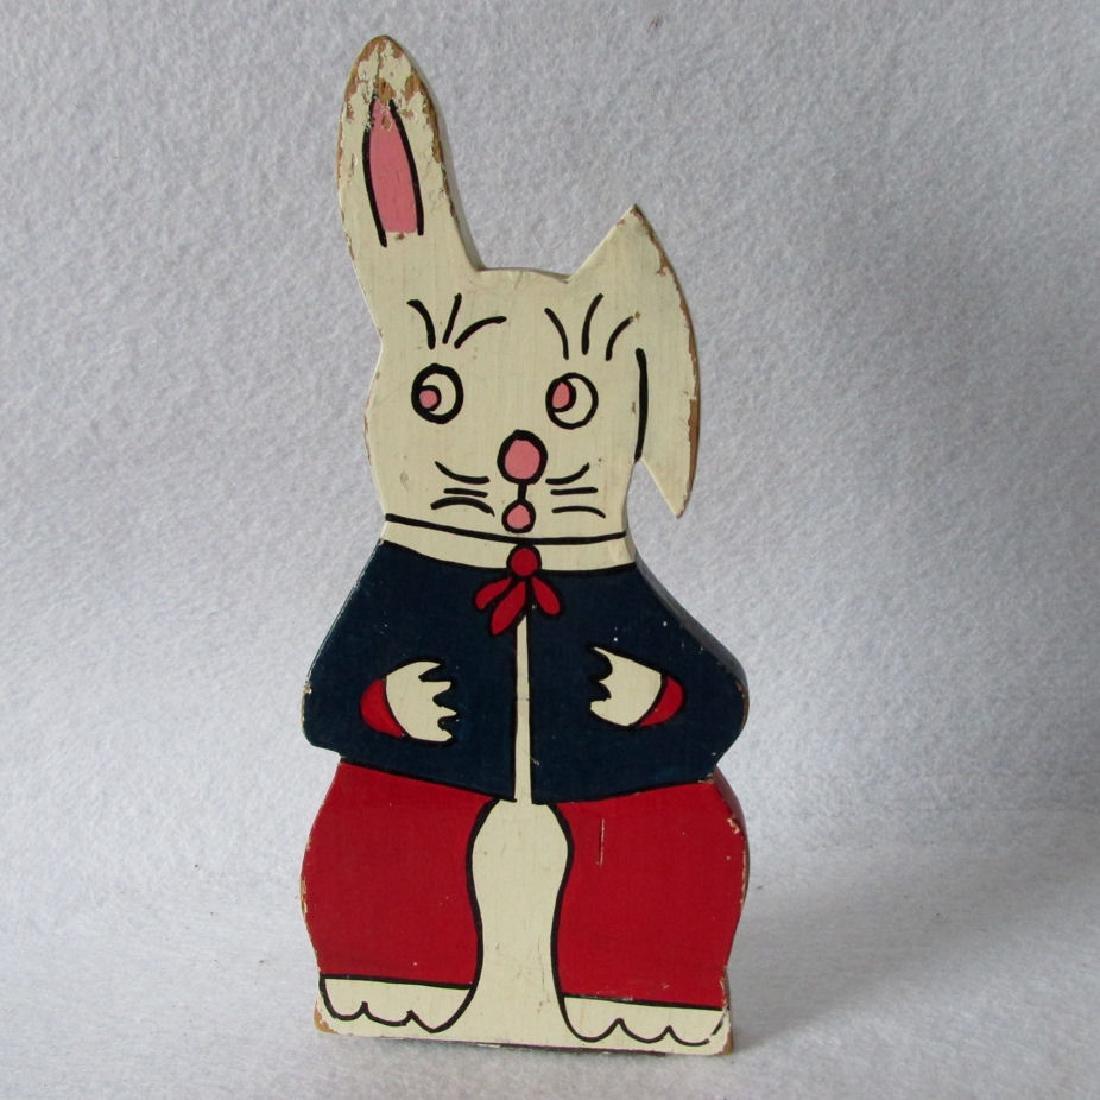 c1930's Folk Art Rabbit Doorstop in Original Paint